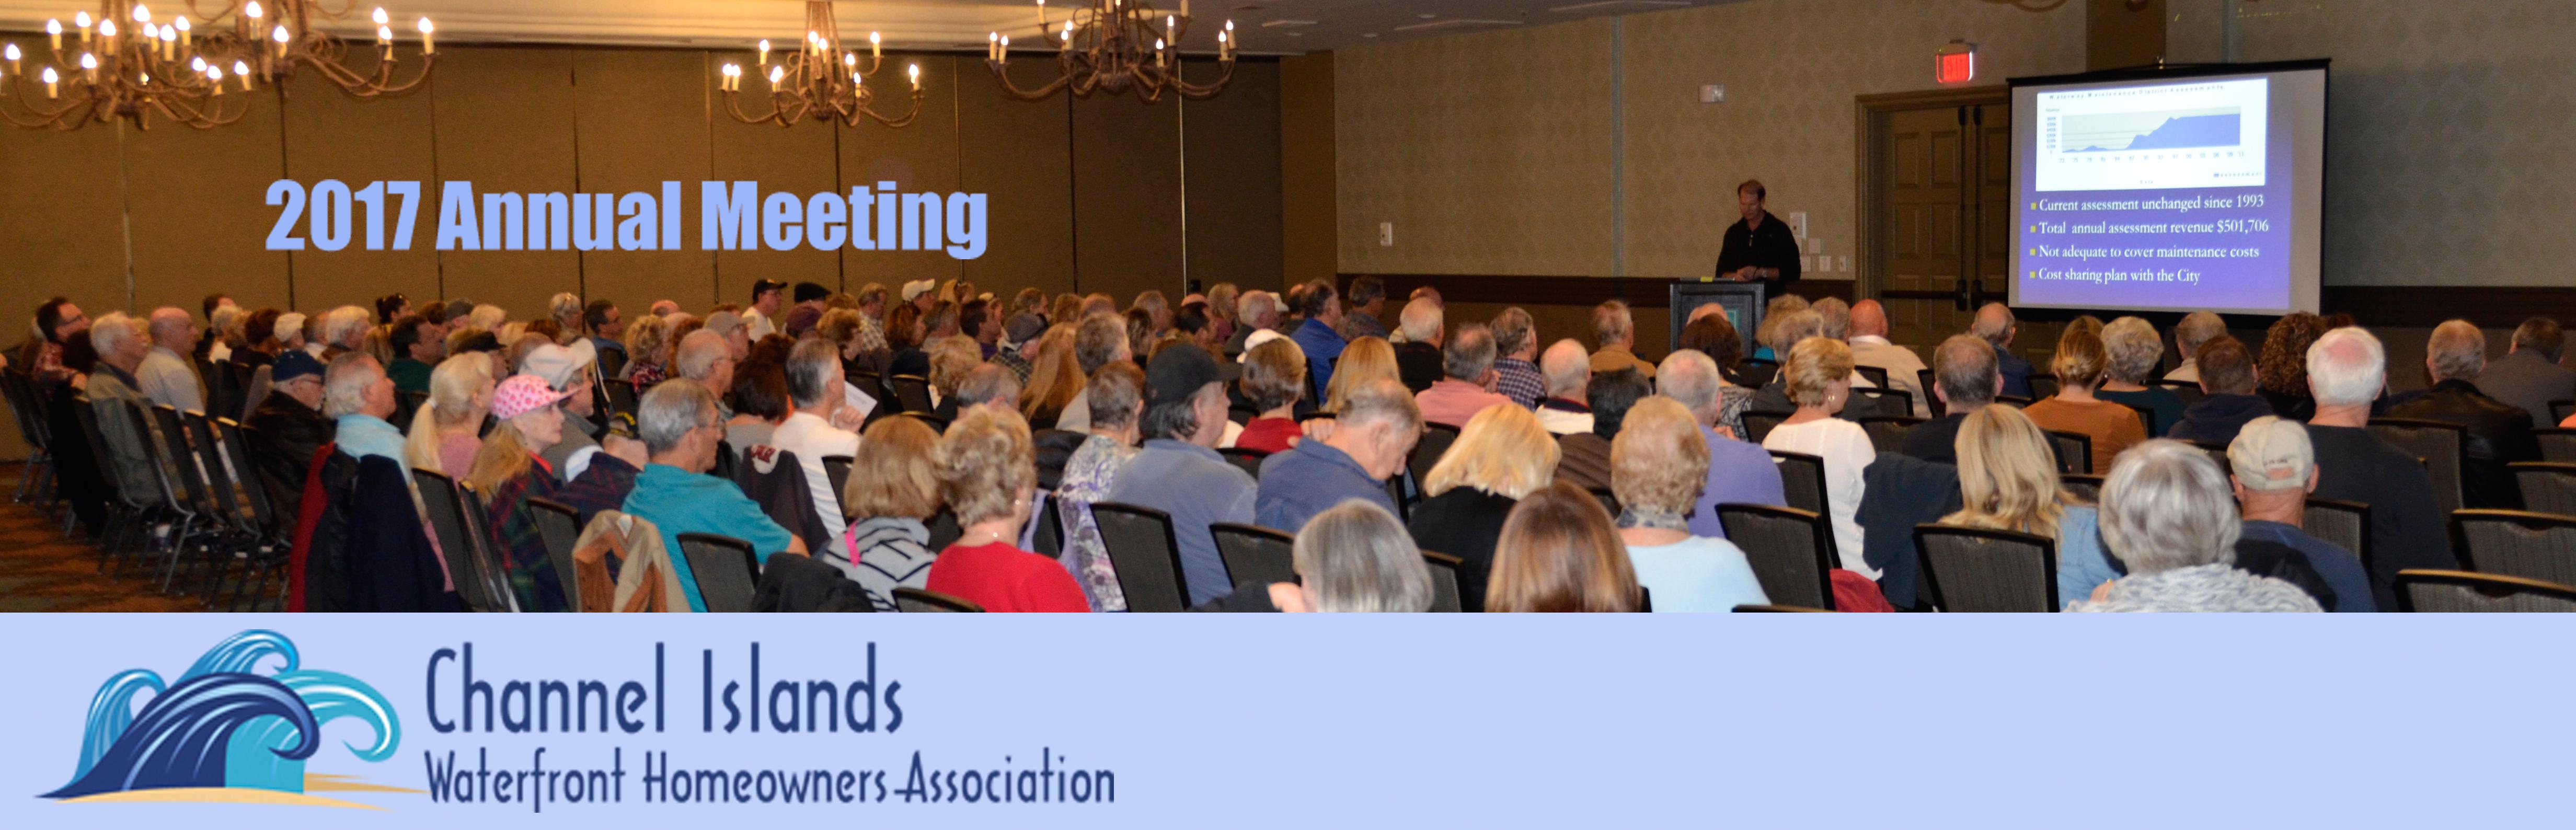 Annual Meeting Feb 11 2017